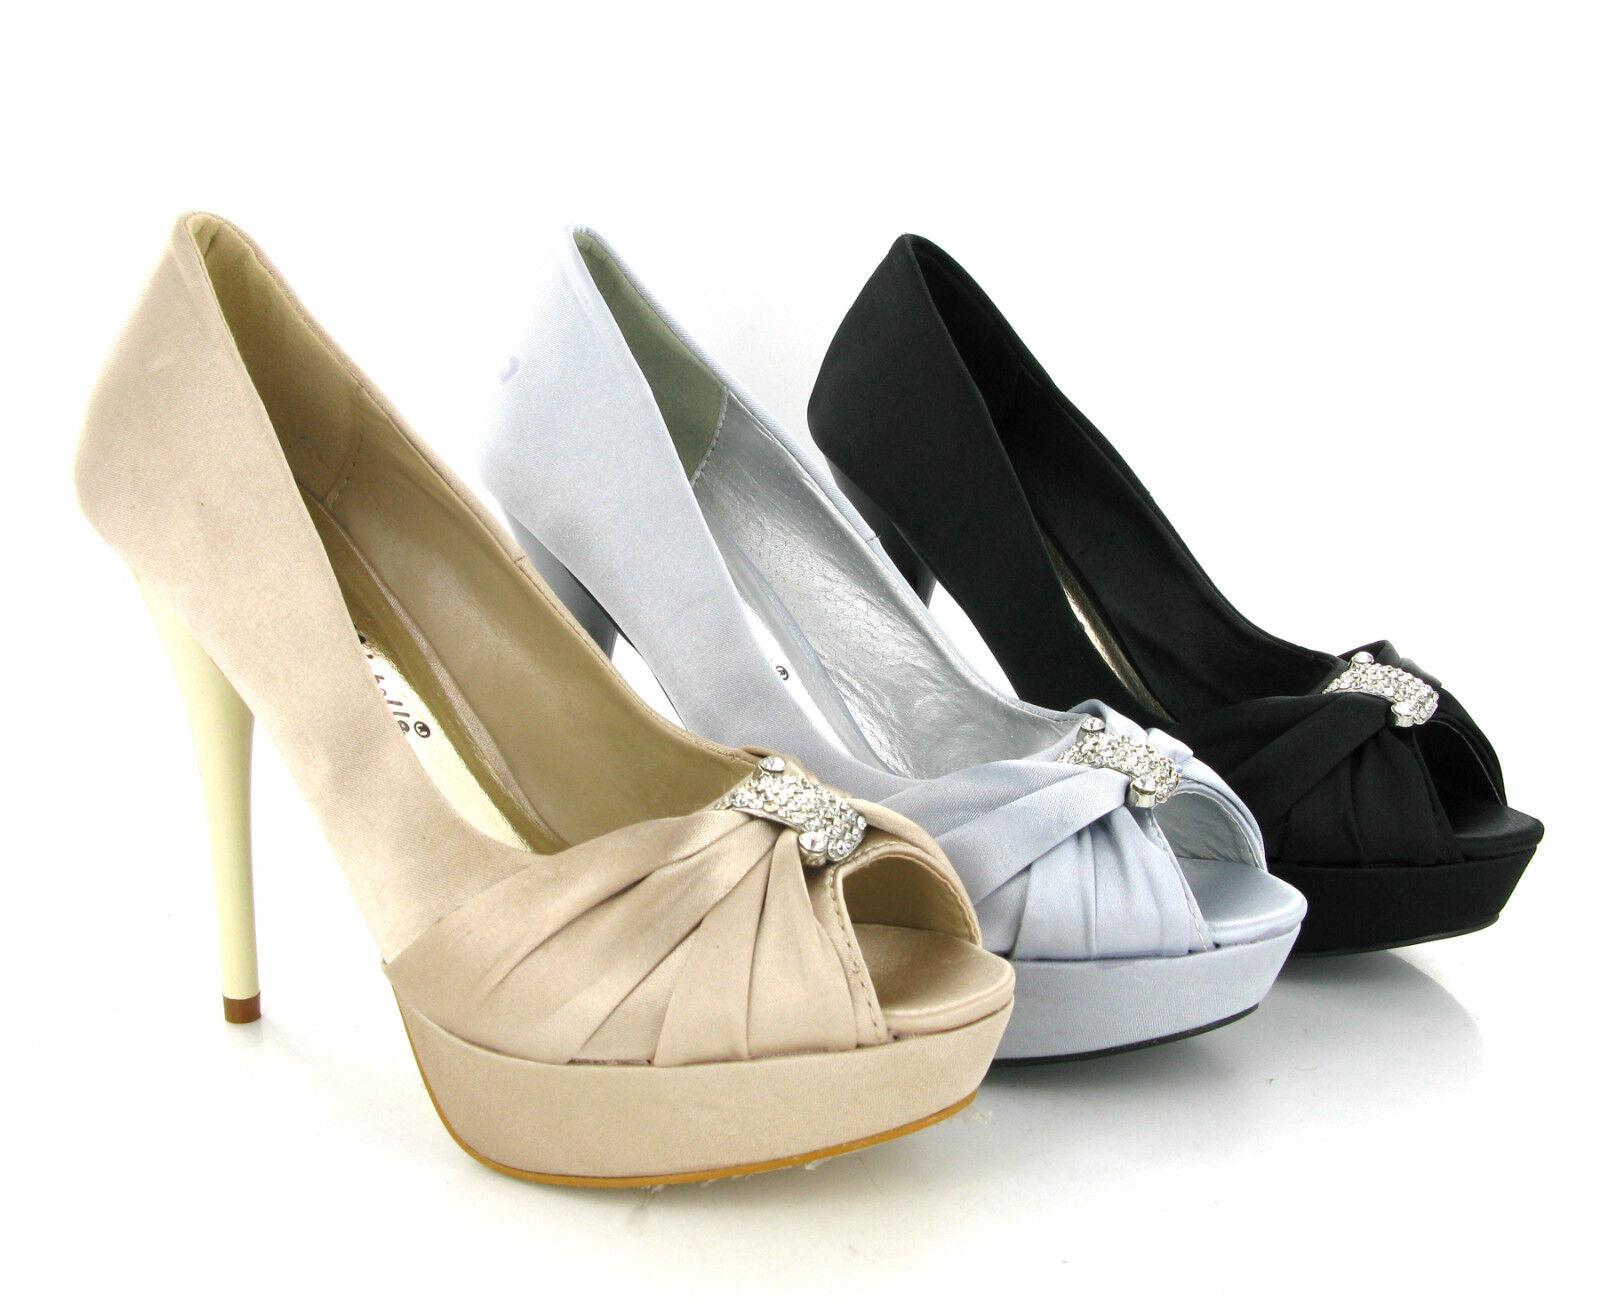 Anne Michelle talon haut plateforme satin bout ouvert femmes sandales uk3-8